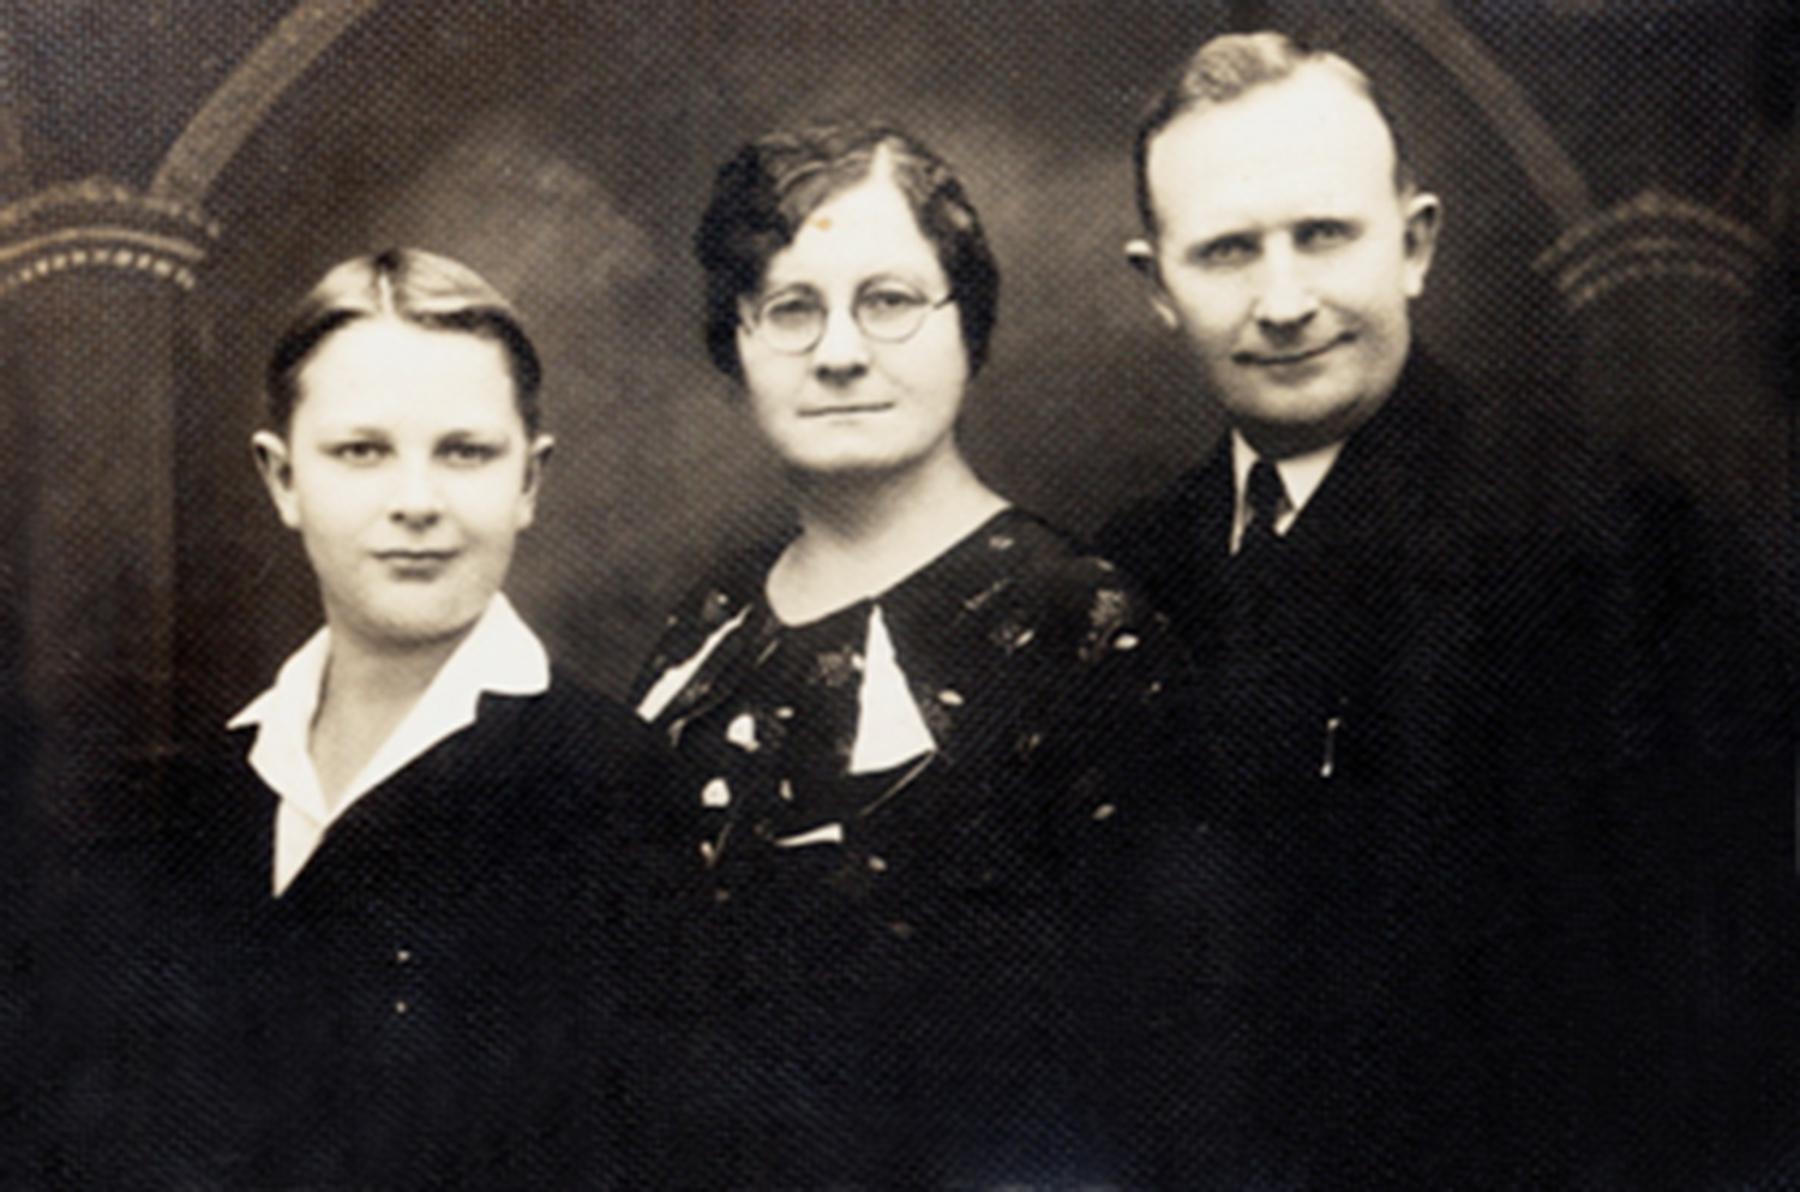 Missionario-russo-exerceu-fe-para-comprar-area-de-centro-universitario-adventista12